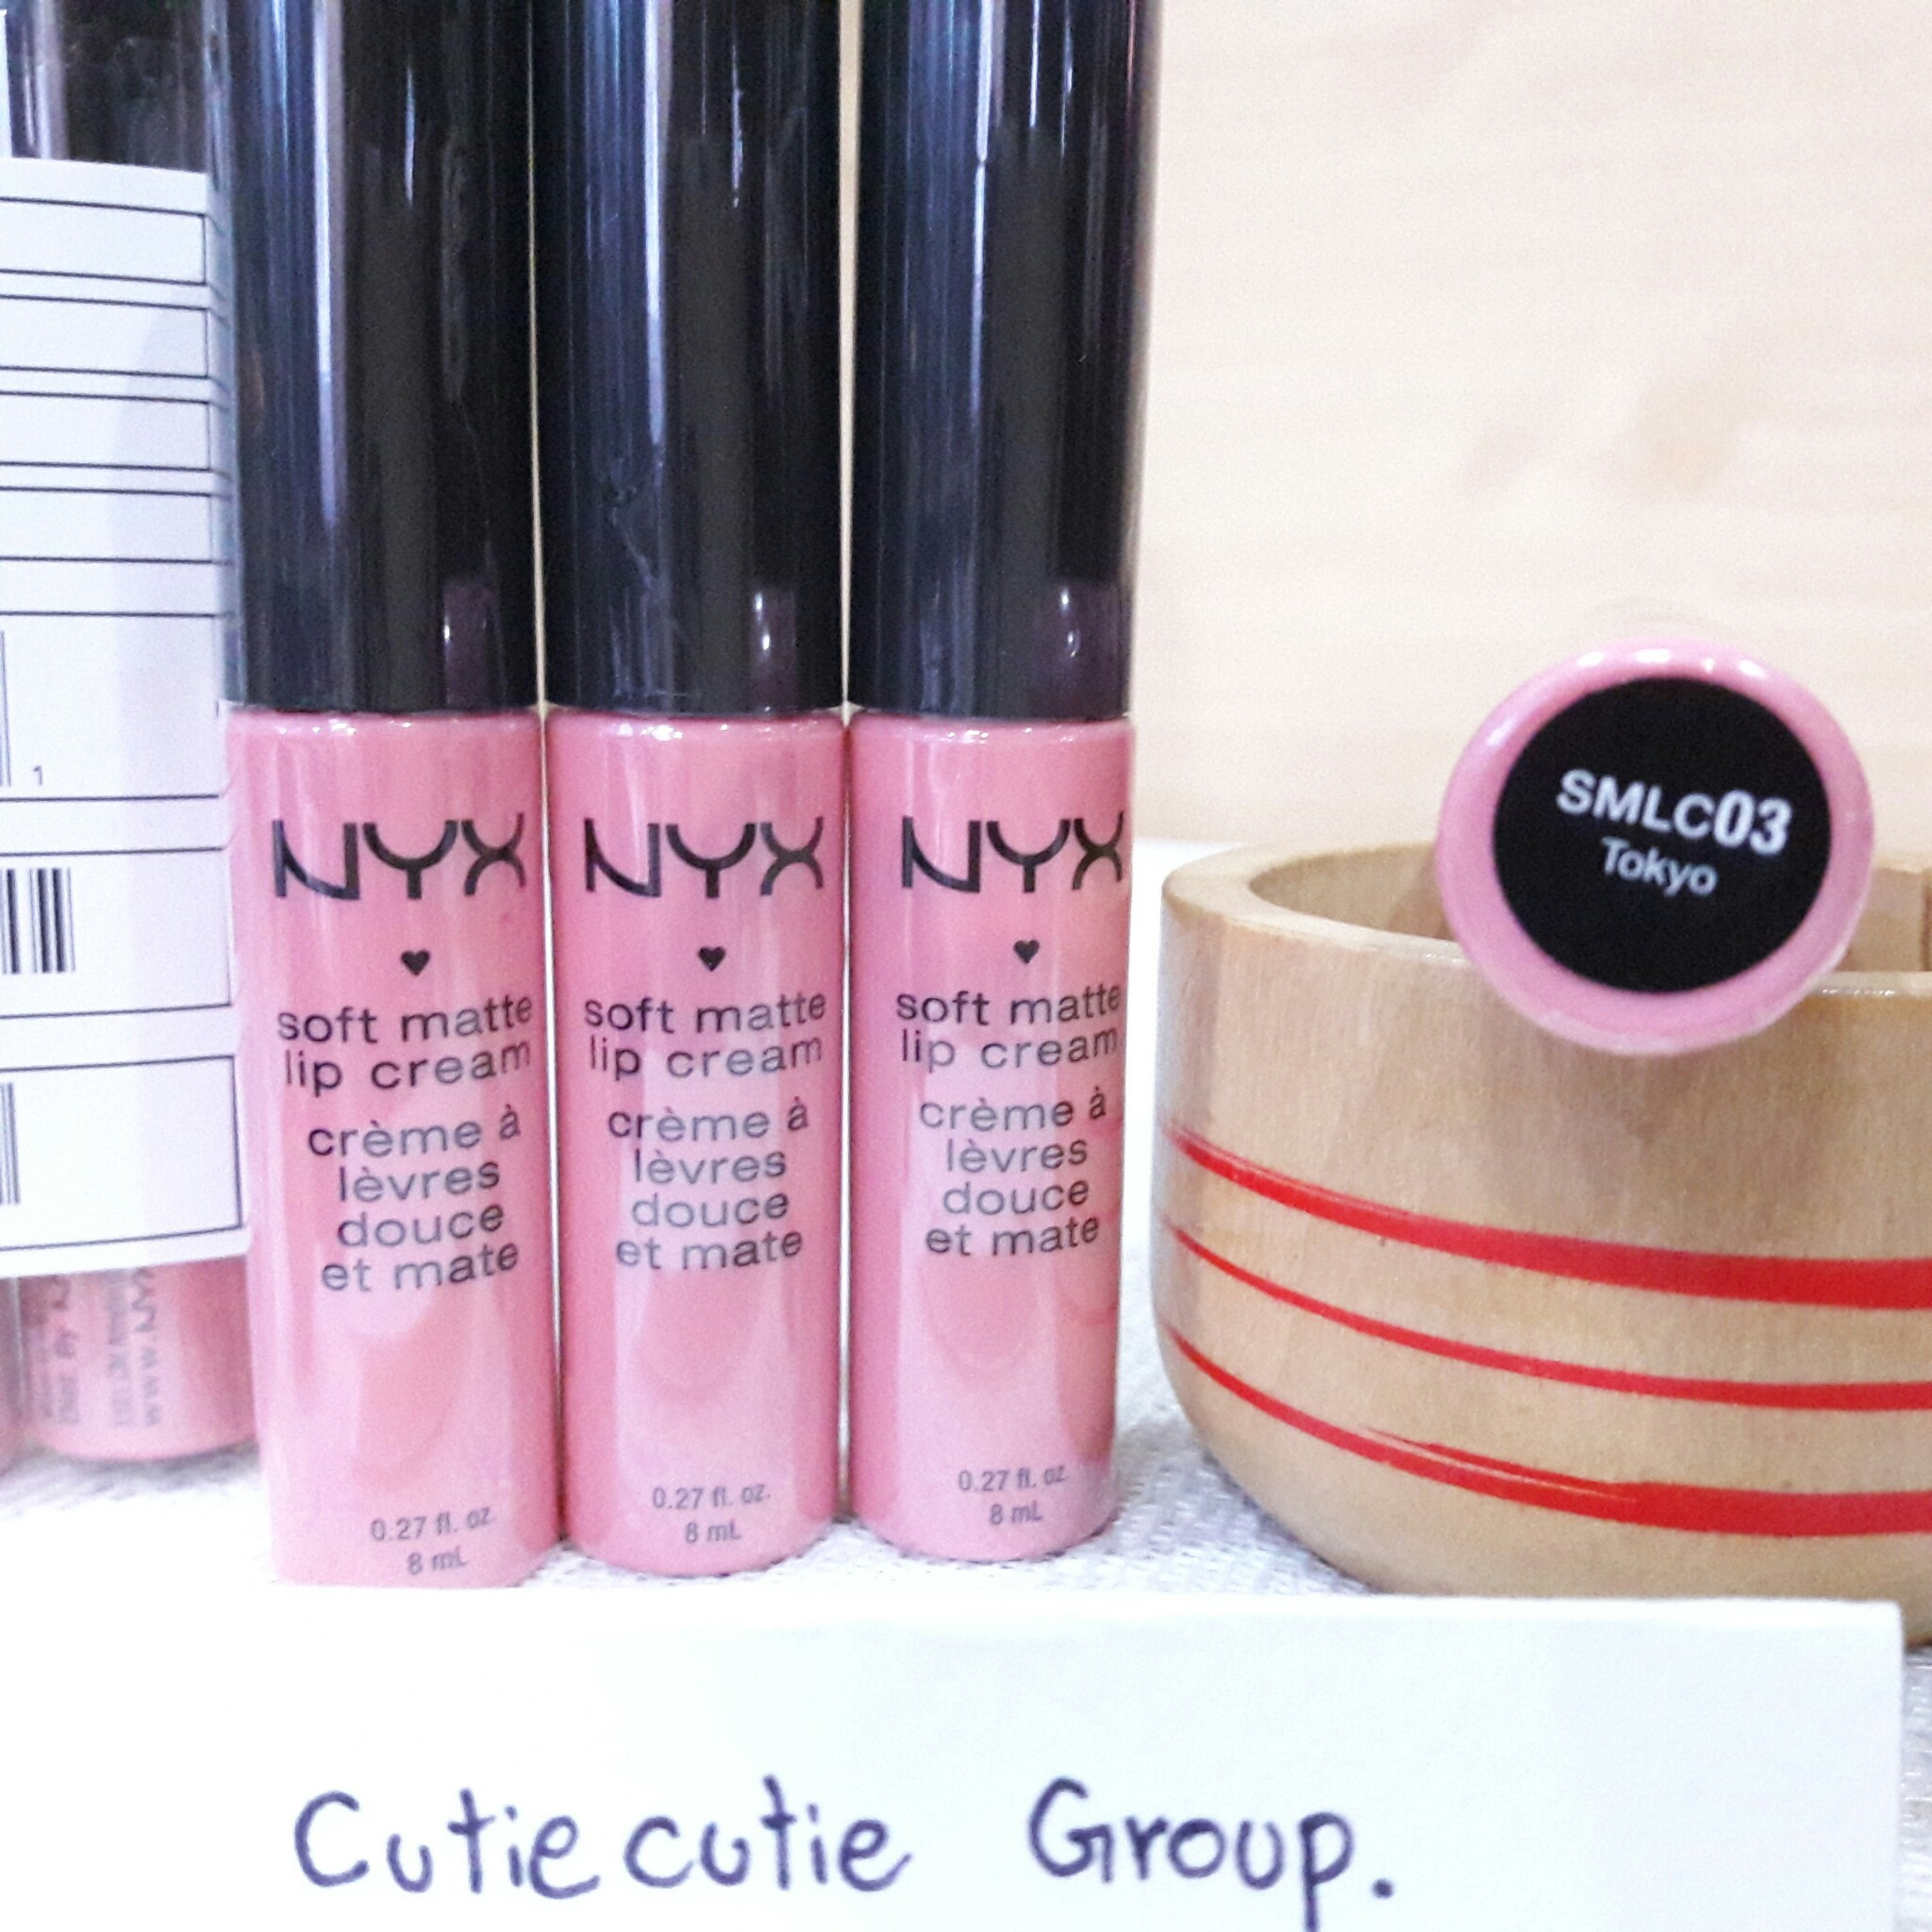 SMLC03 Tokyo NYX Soft Matt Lip Cream